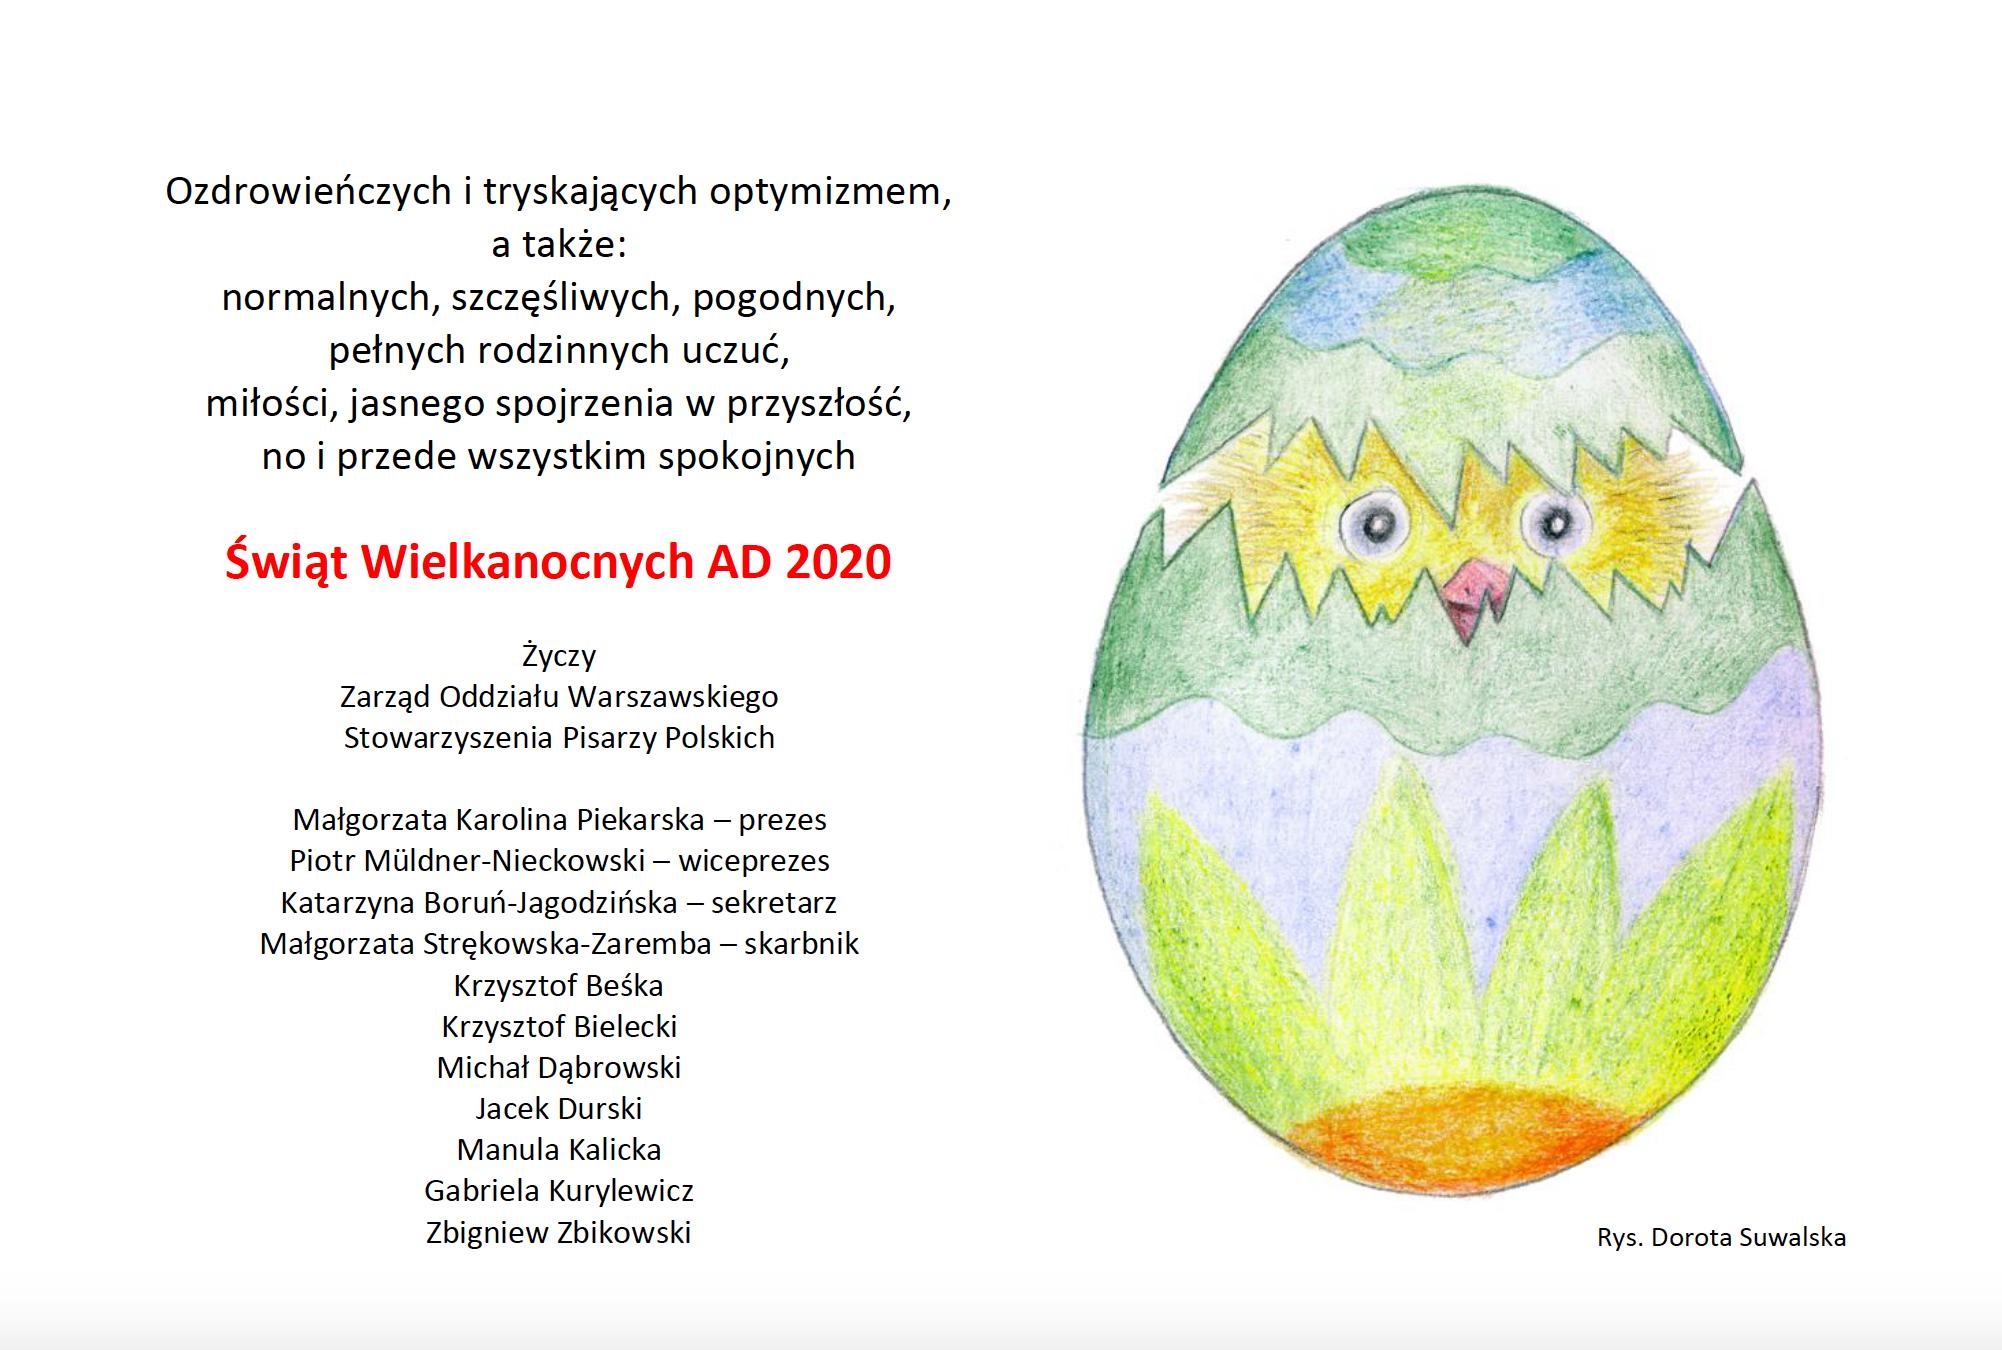 Wesołych Świąt Wielkanocnych AD 2020